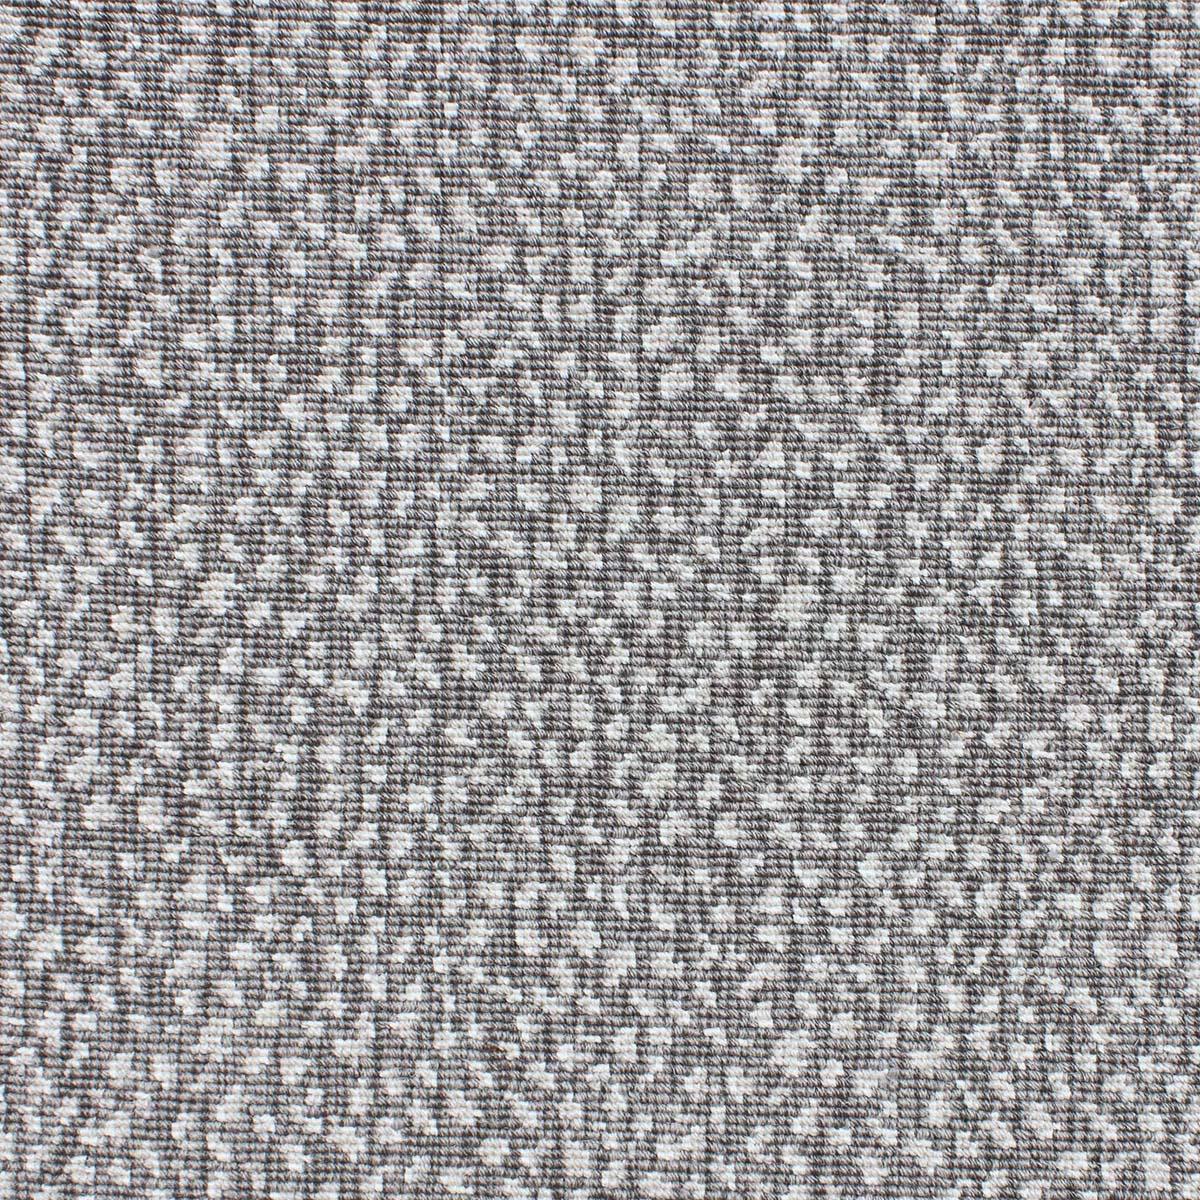 artistic-dot_wool-nylon_broadloom_patterson-flynn-martin_pfm